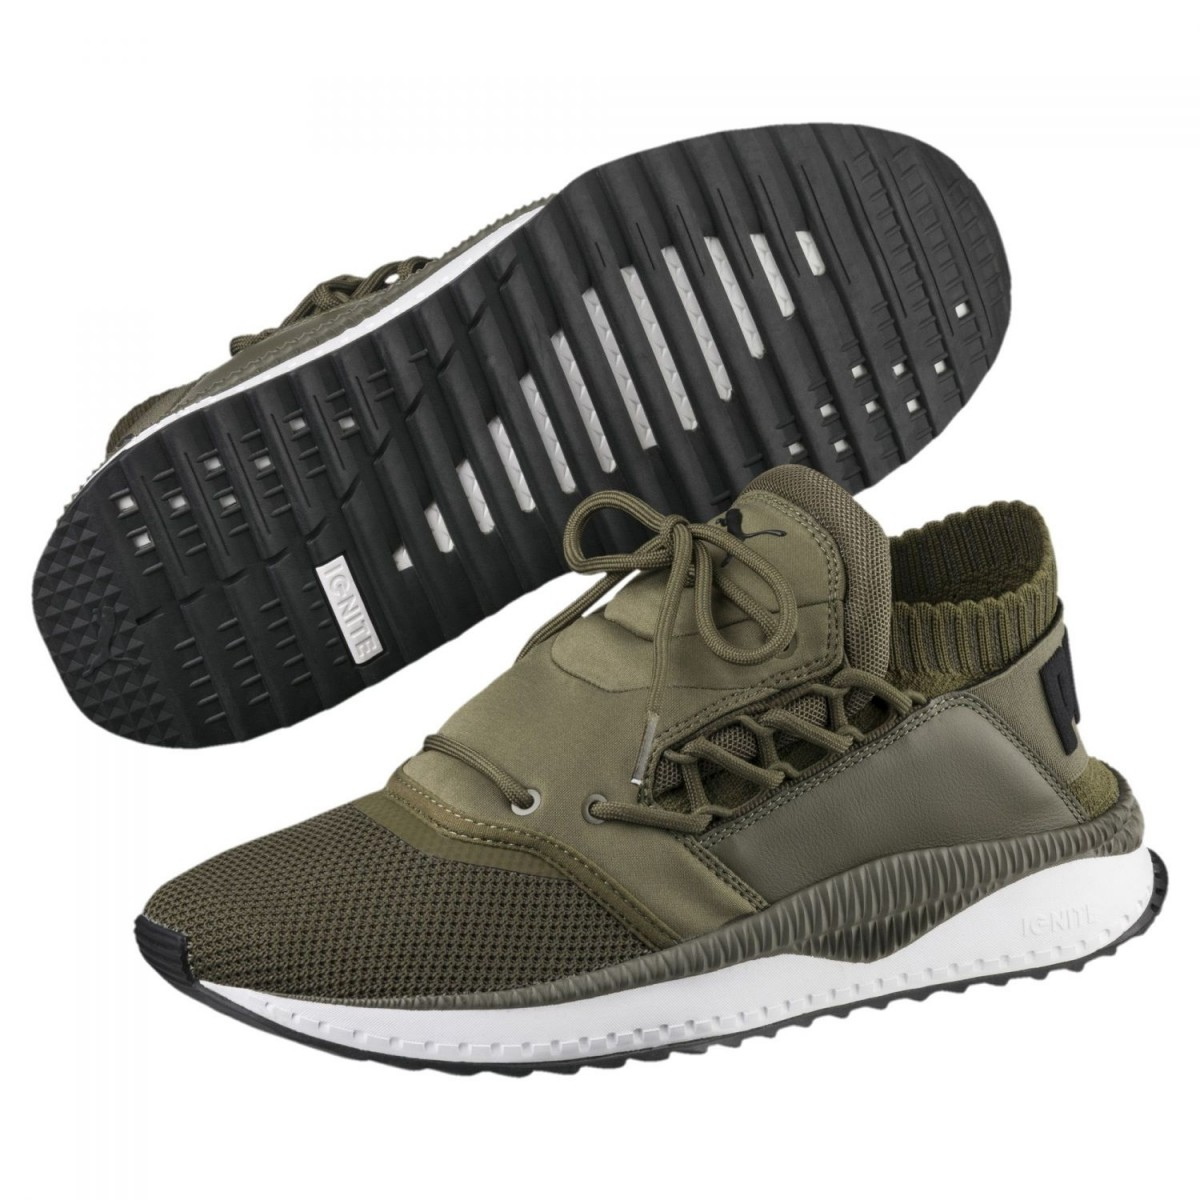 Puma Tsugi Shinsei Sneaker